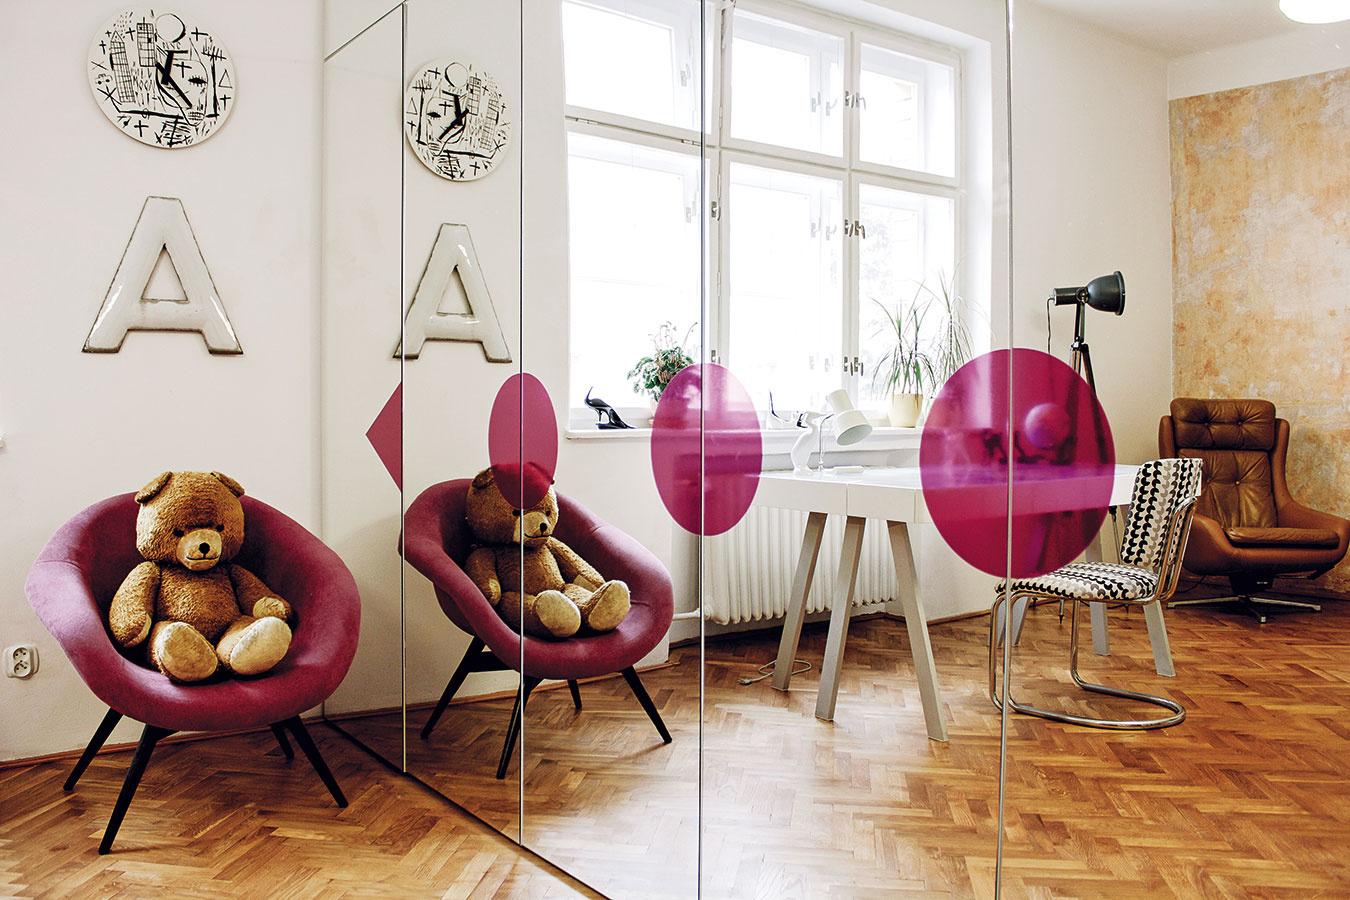 Zrkadlová skriňa sveľkým grafickým symbolom ladí skresielkom, ktoré rovnako ako pracovná stolička prešlo radikálnym redizajnom.Oba kúsky sa tak môžu pýšiť novým čalúnením, čo ich povýšilo na nábytok hodný minulého, ale aj tohto storočia.